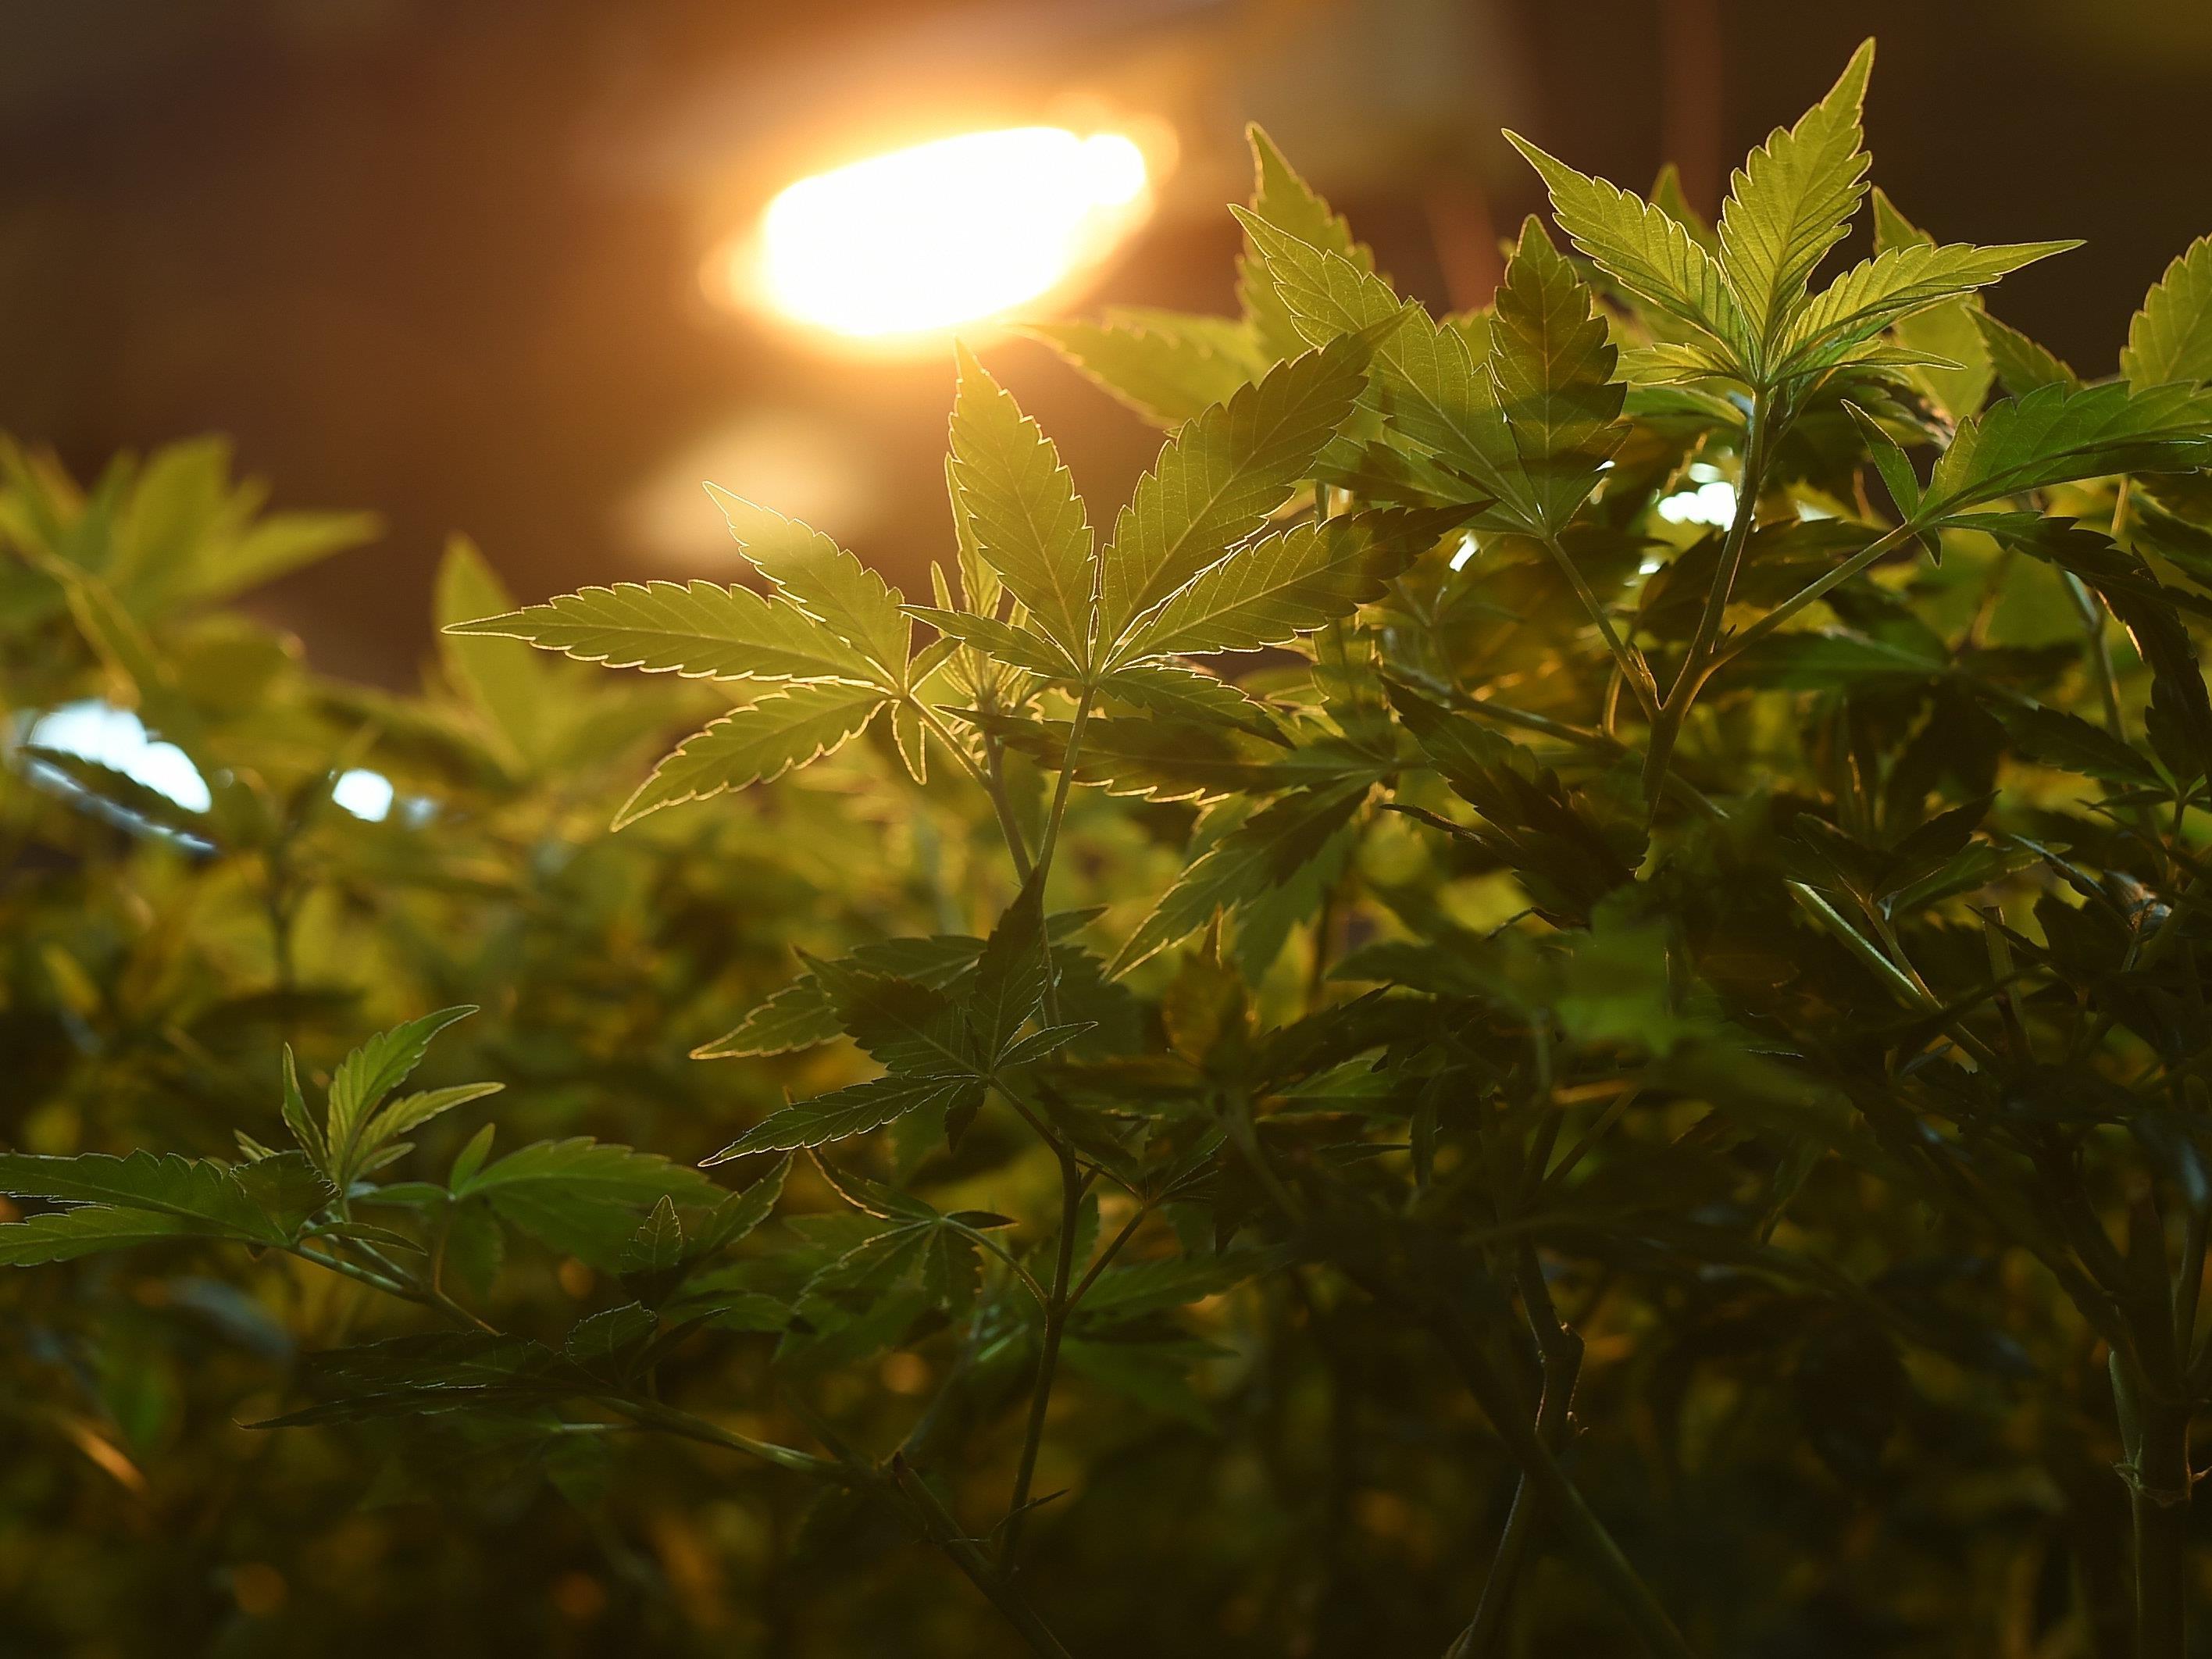 Der tiroler Polizei gelang der Schlag gegen einen Drogenring. 17 Personen wurden verhaftet.